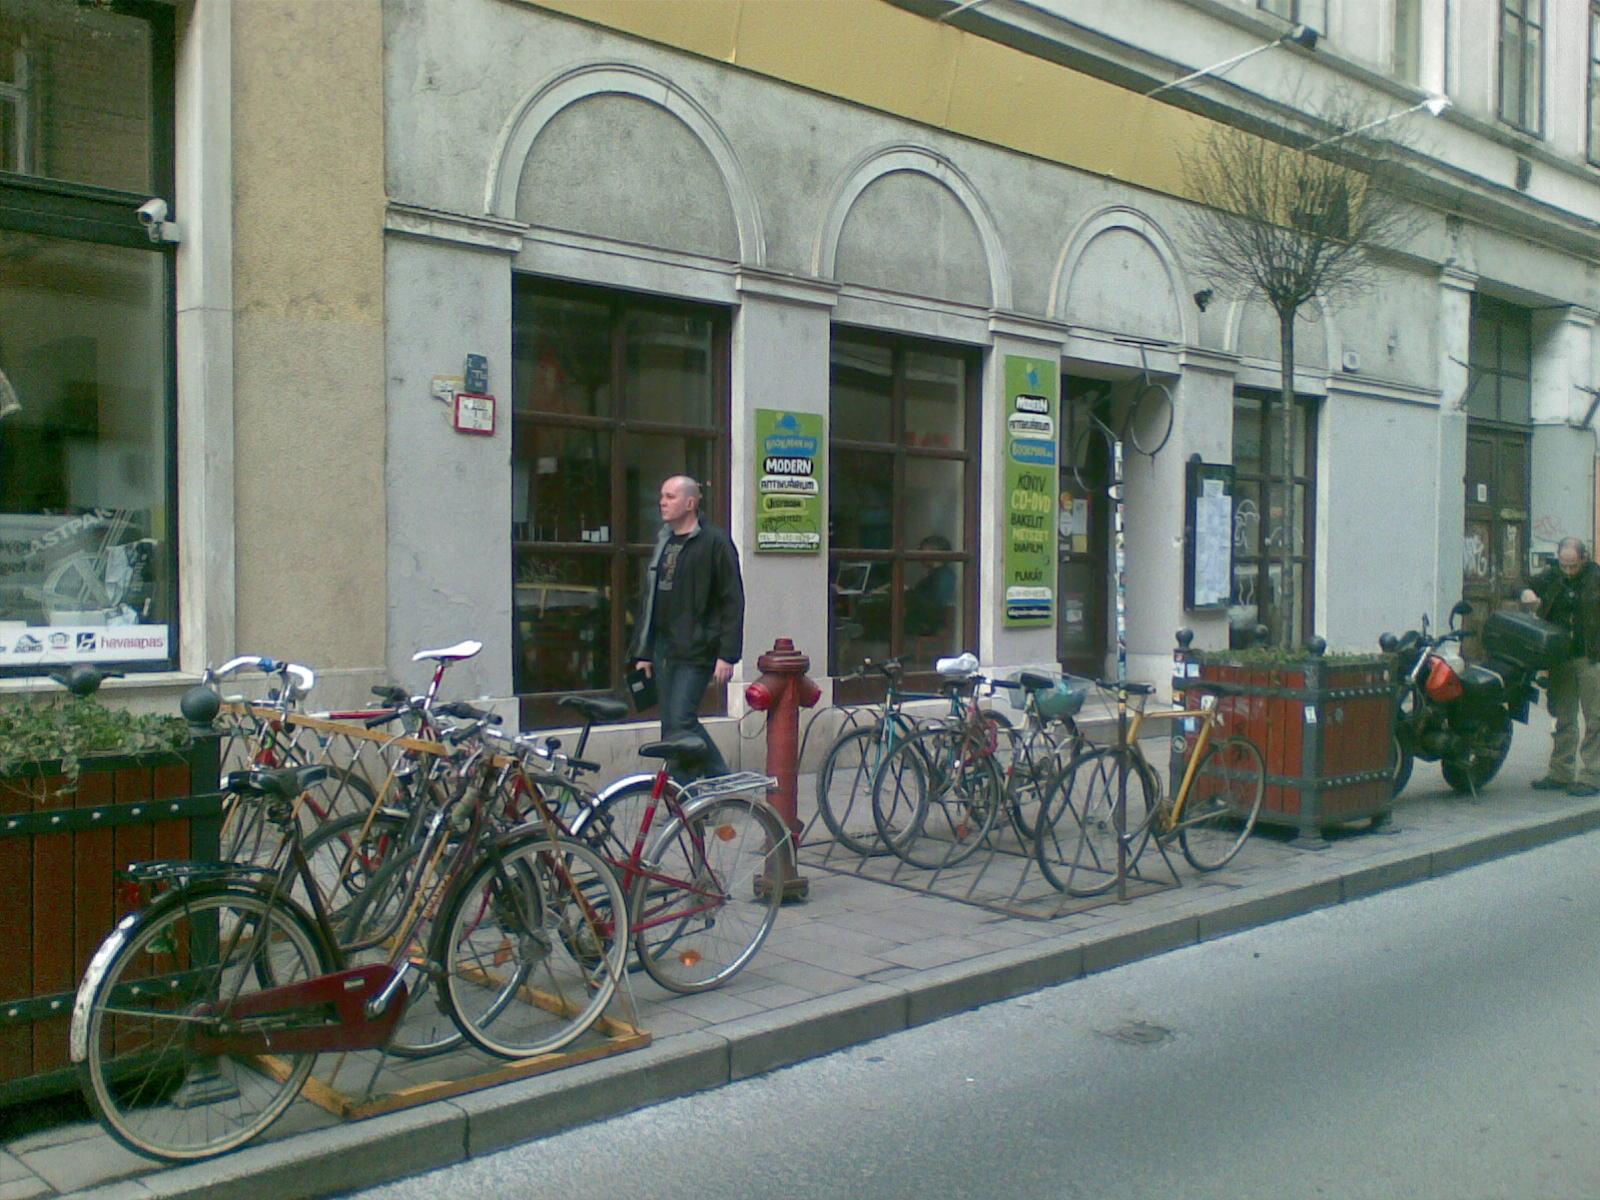 Parqueamentos amovíveis à porta de um café em Budapeste